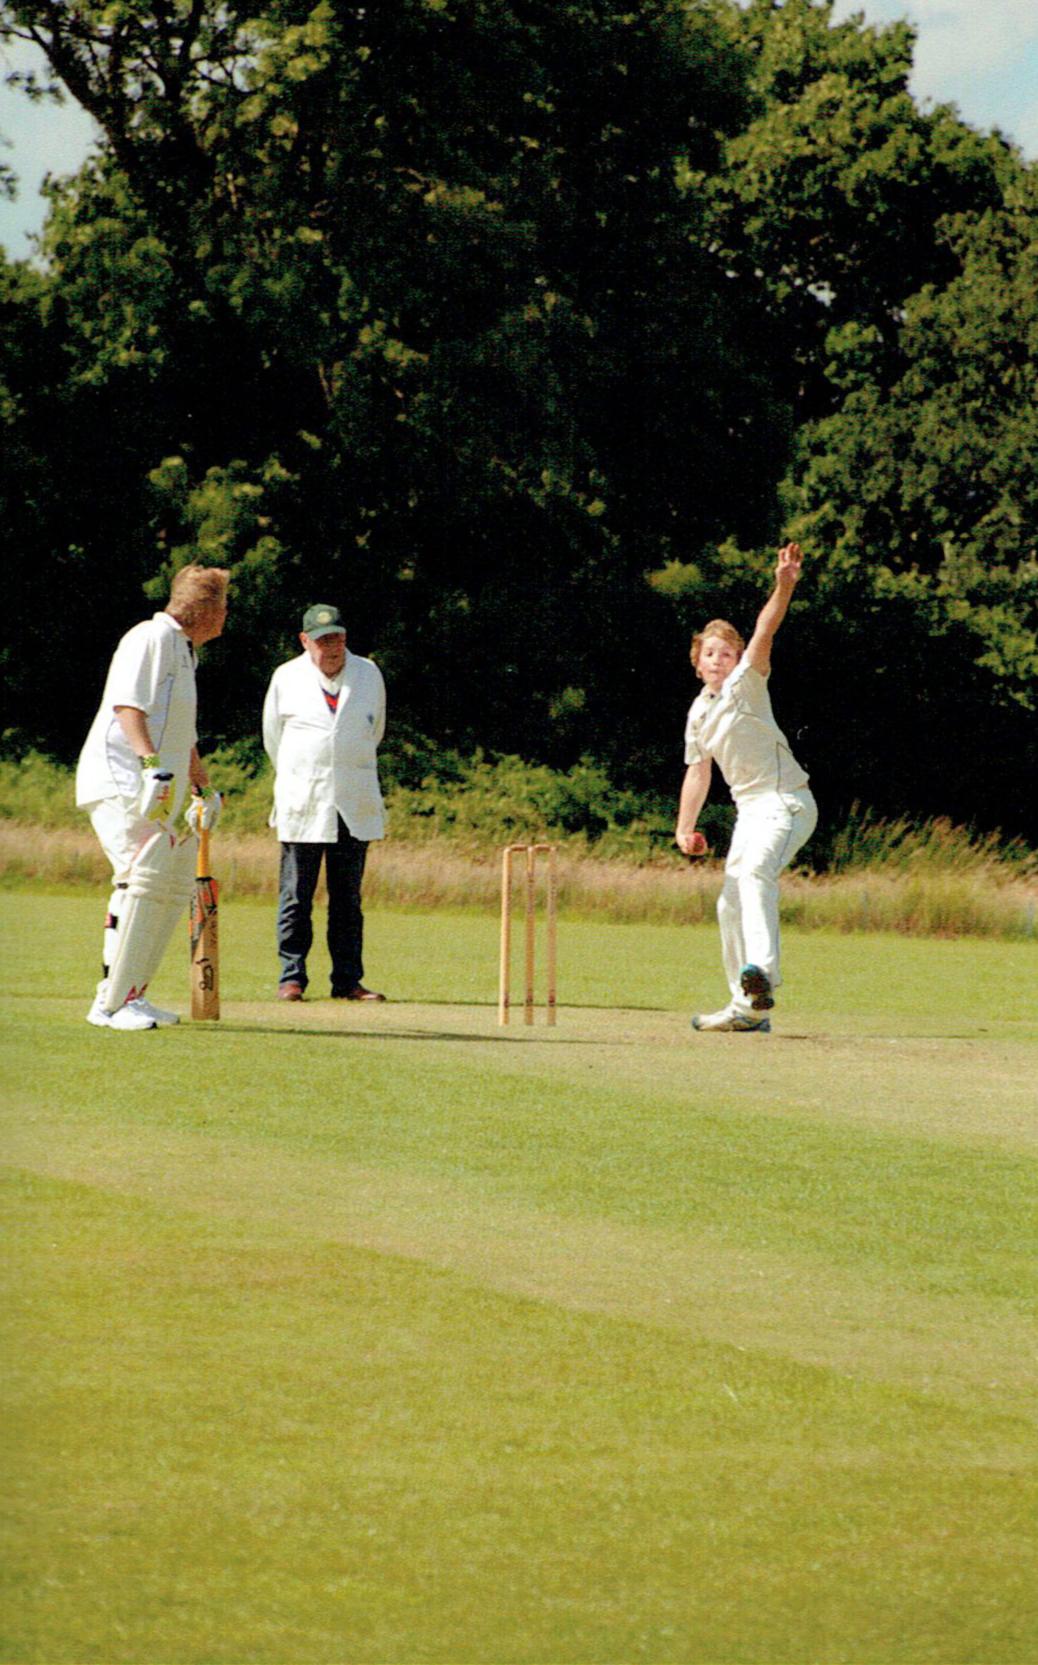 Cricket6.jpg